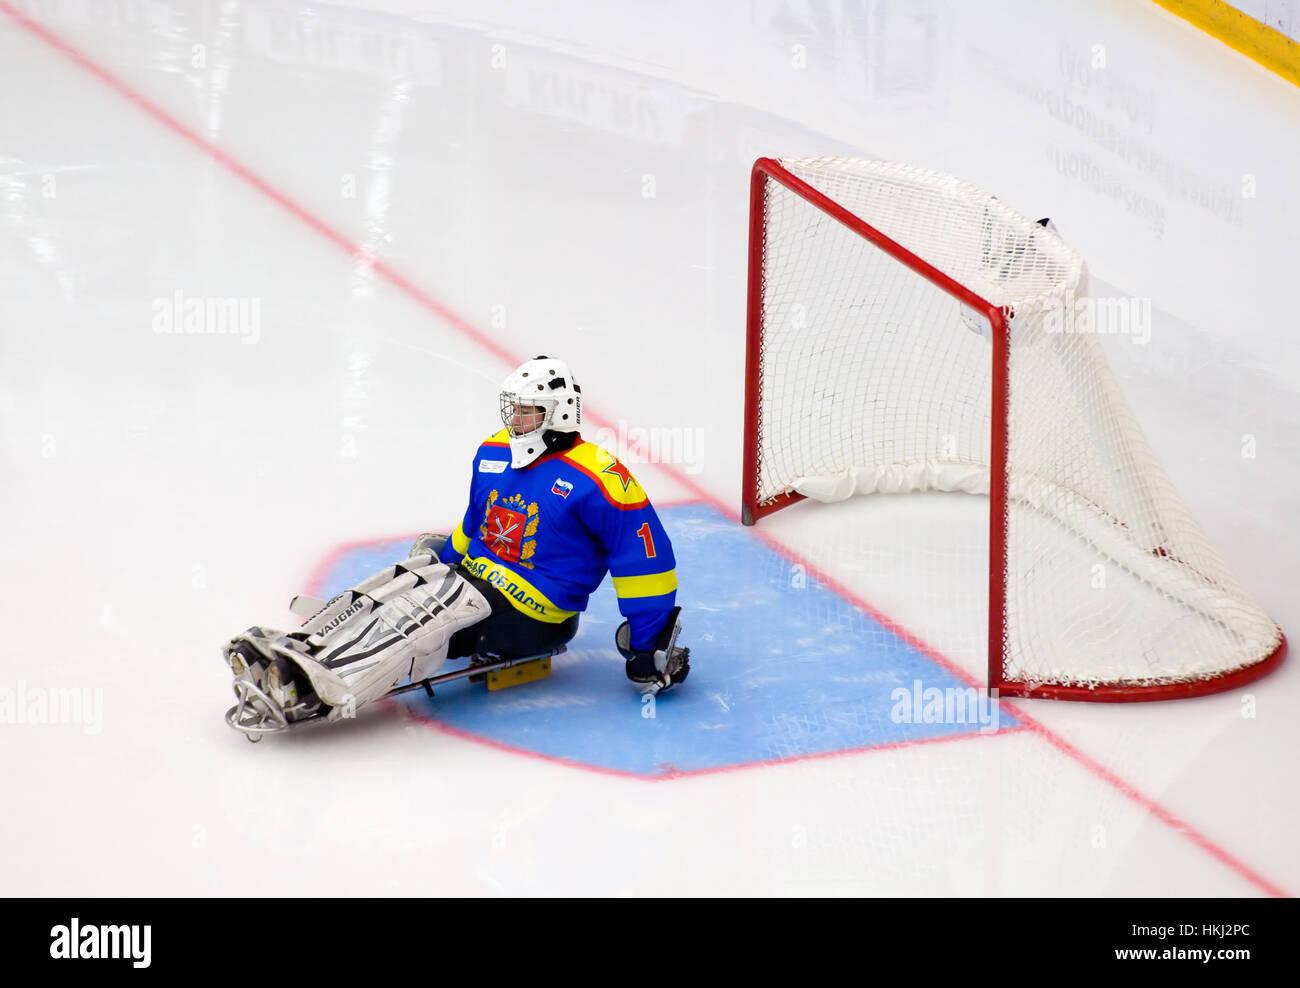 PODOLSK, Russland - 14. Januar 2017: Unidentified Torhüter des Ladoga-Team von Sledge Hockey während Spiel Witjas Stockfoto